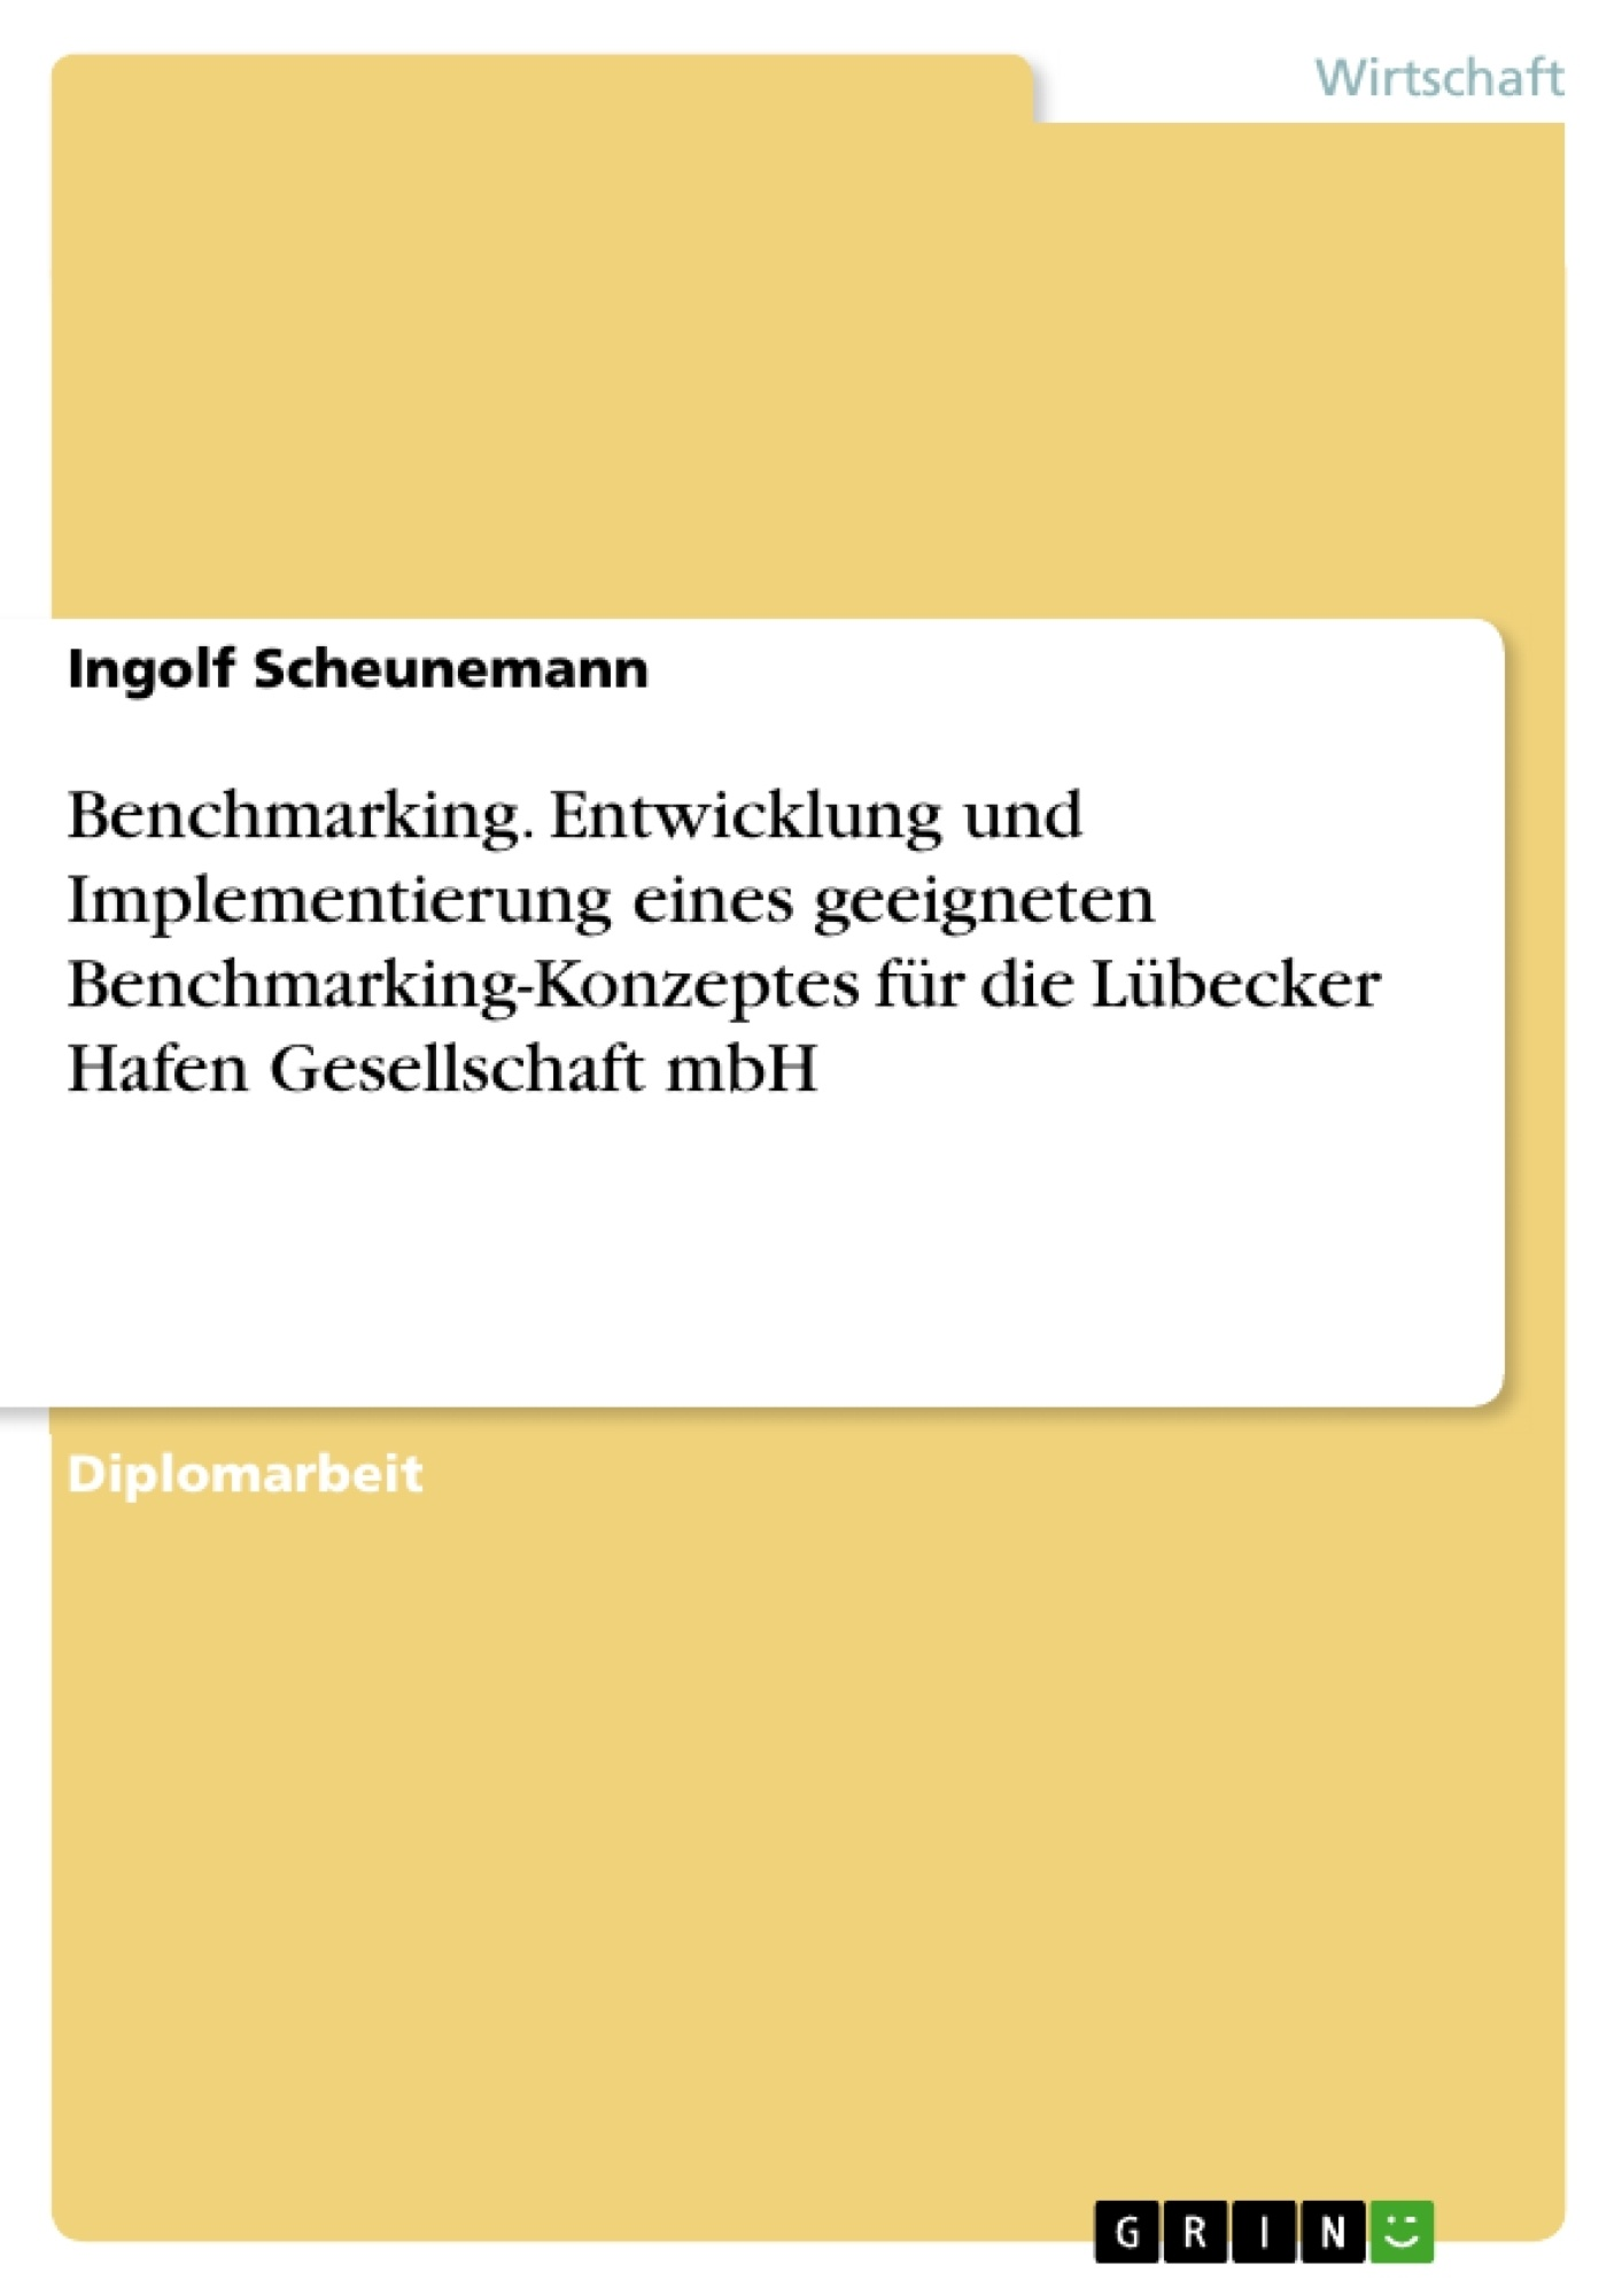 Titel: Benchmarking. Entwicklung und Implementierung eines geeigneten Benchmarking-Konzeptes für die Lübecker Hafen Gesellschaft mbH